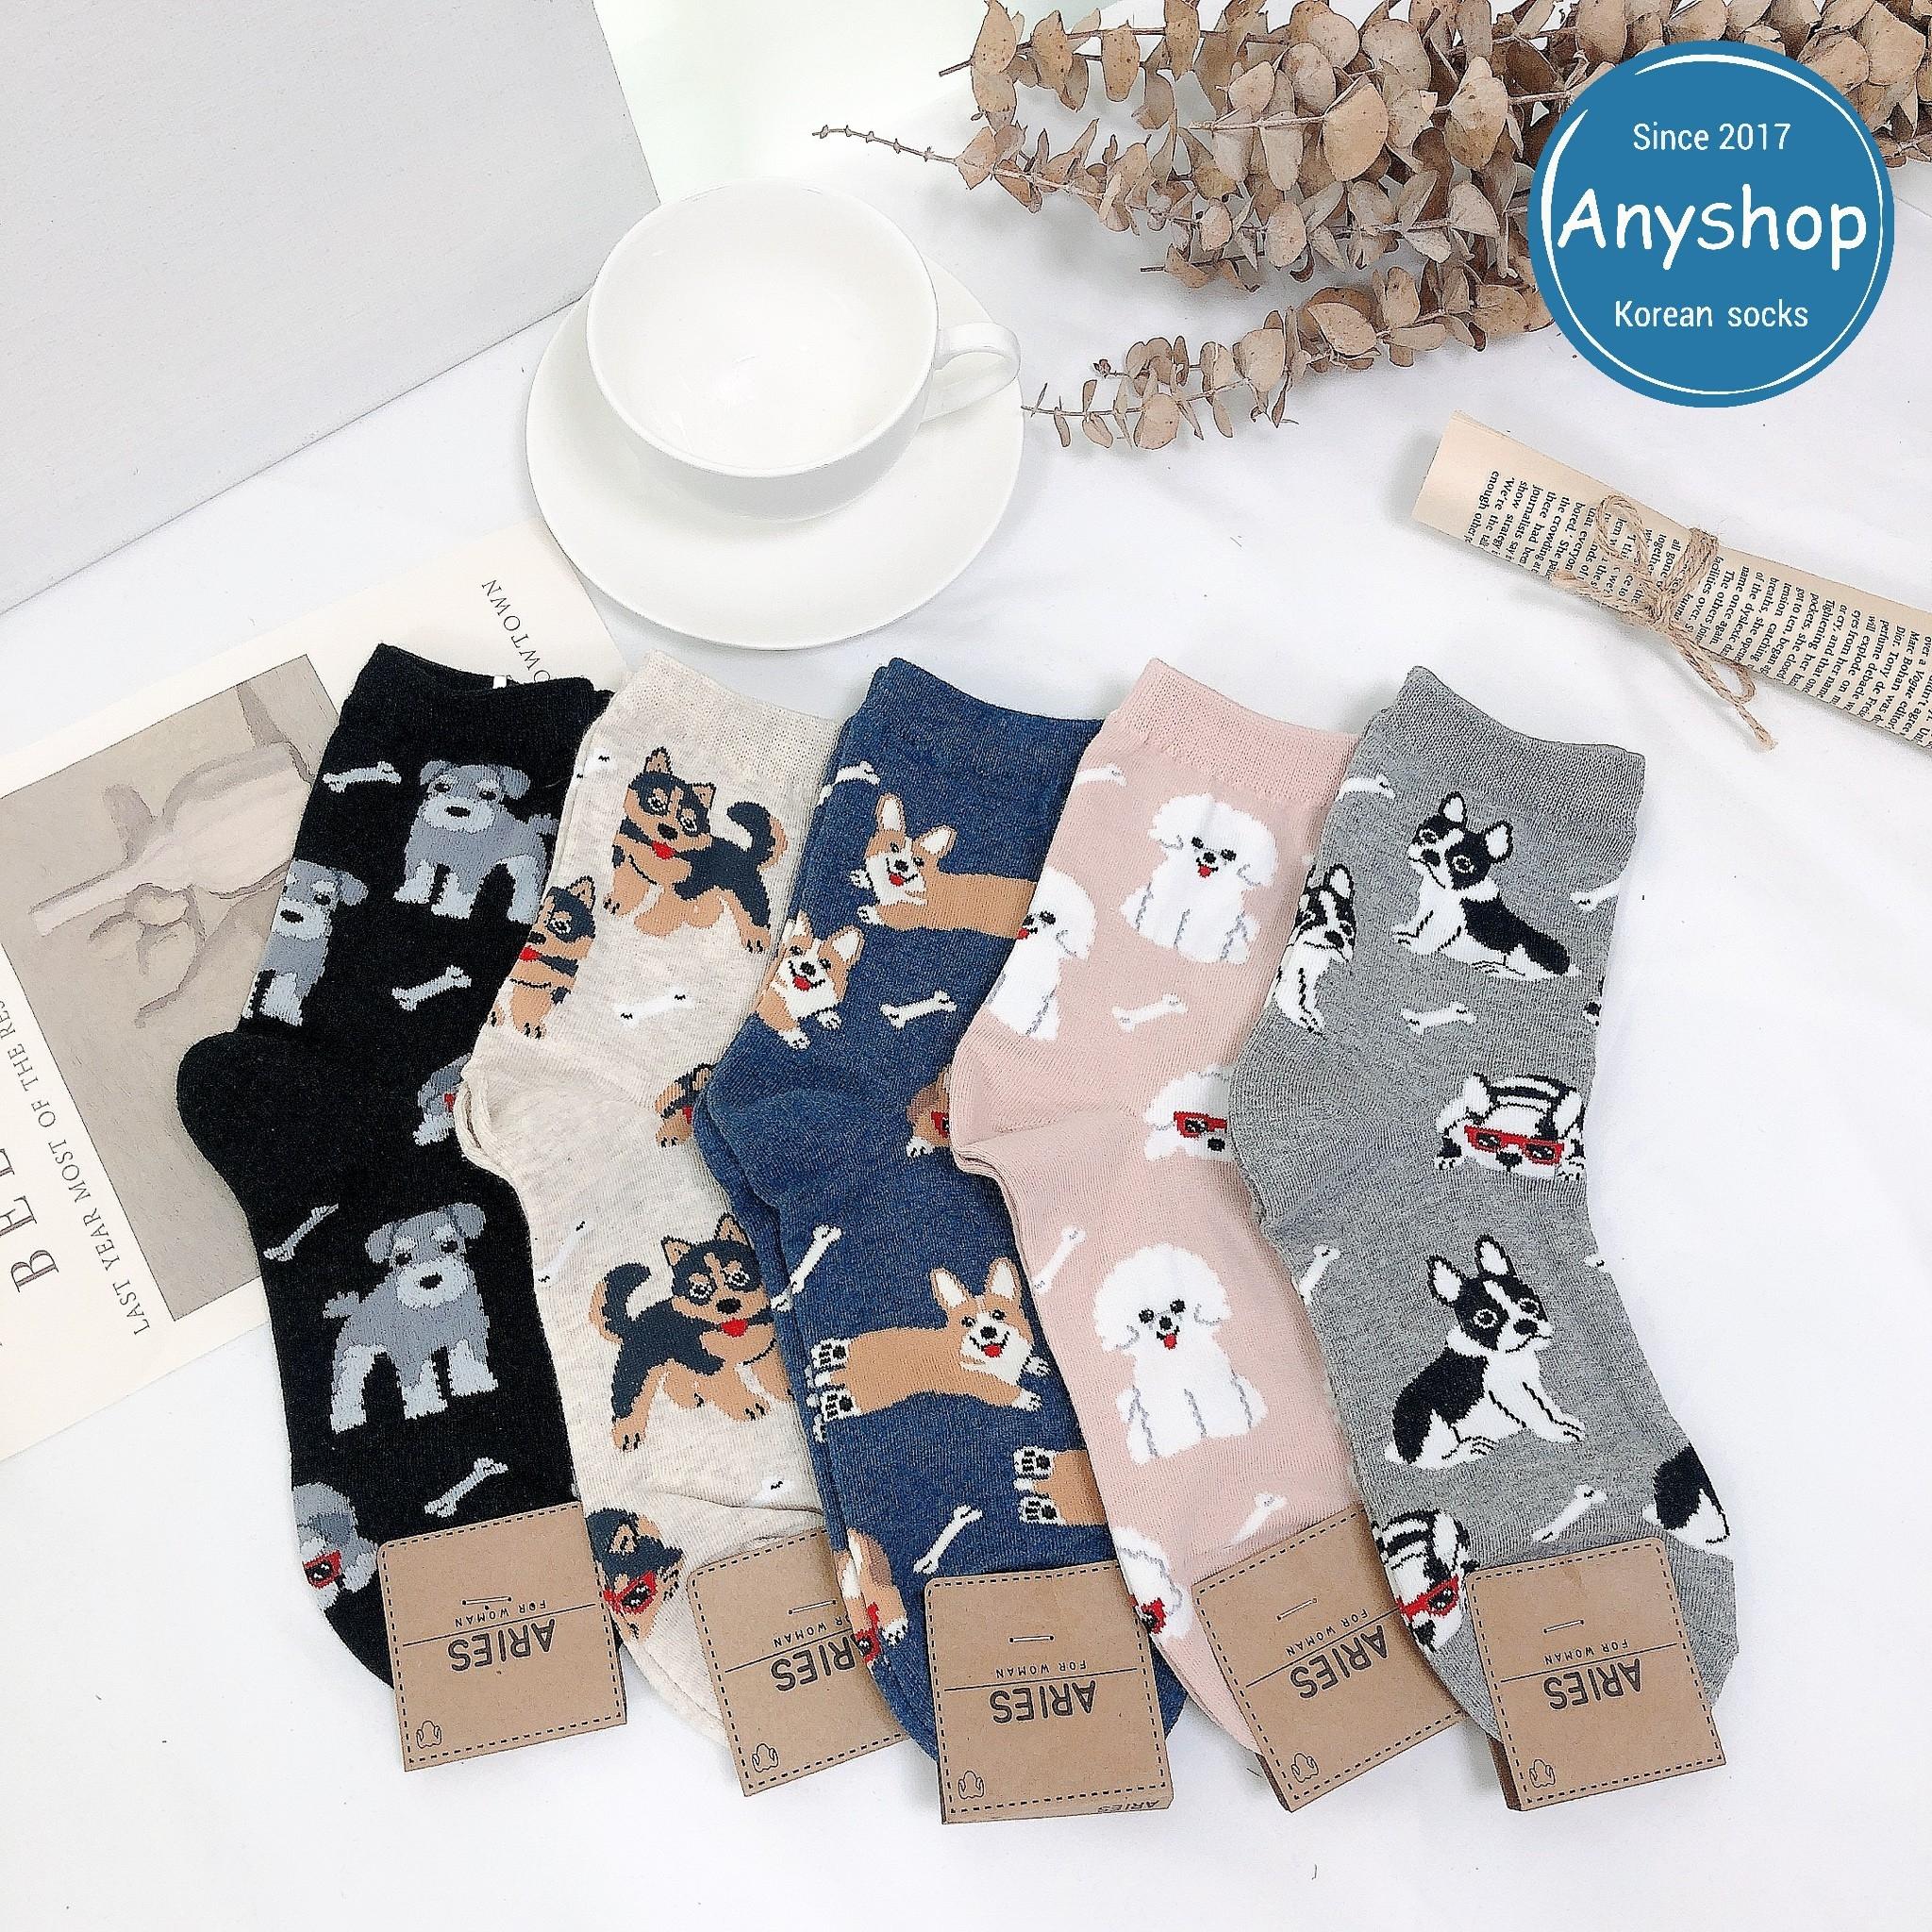 韓國襪-[Anyshop]狗狗系列長襪